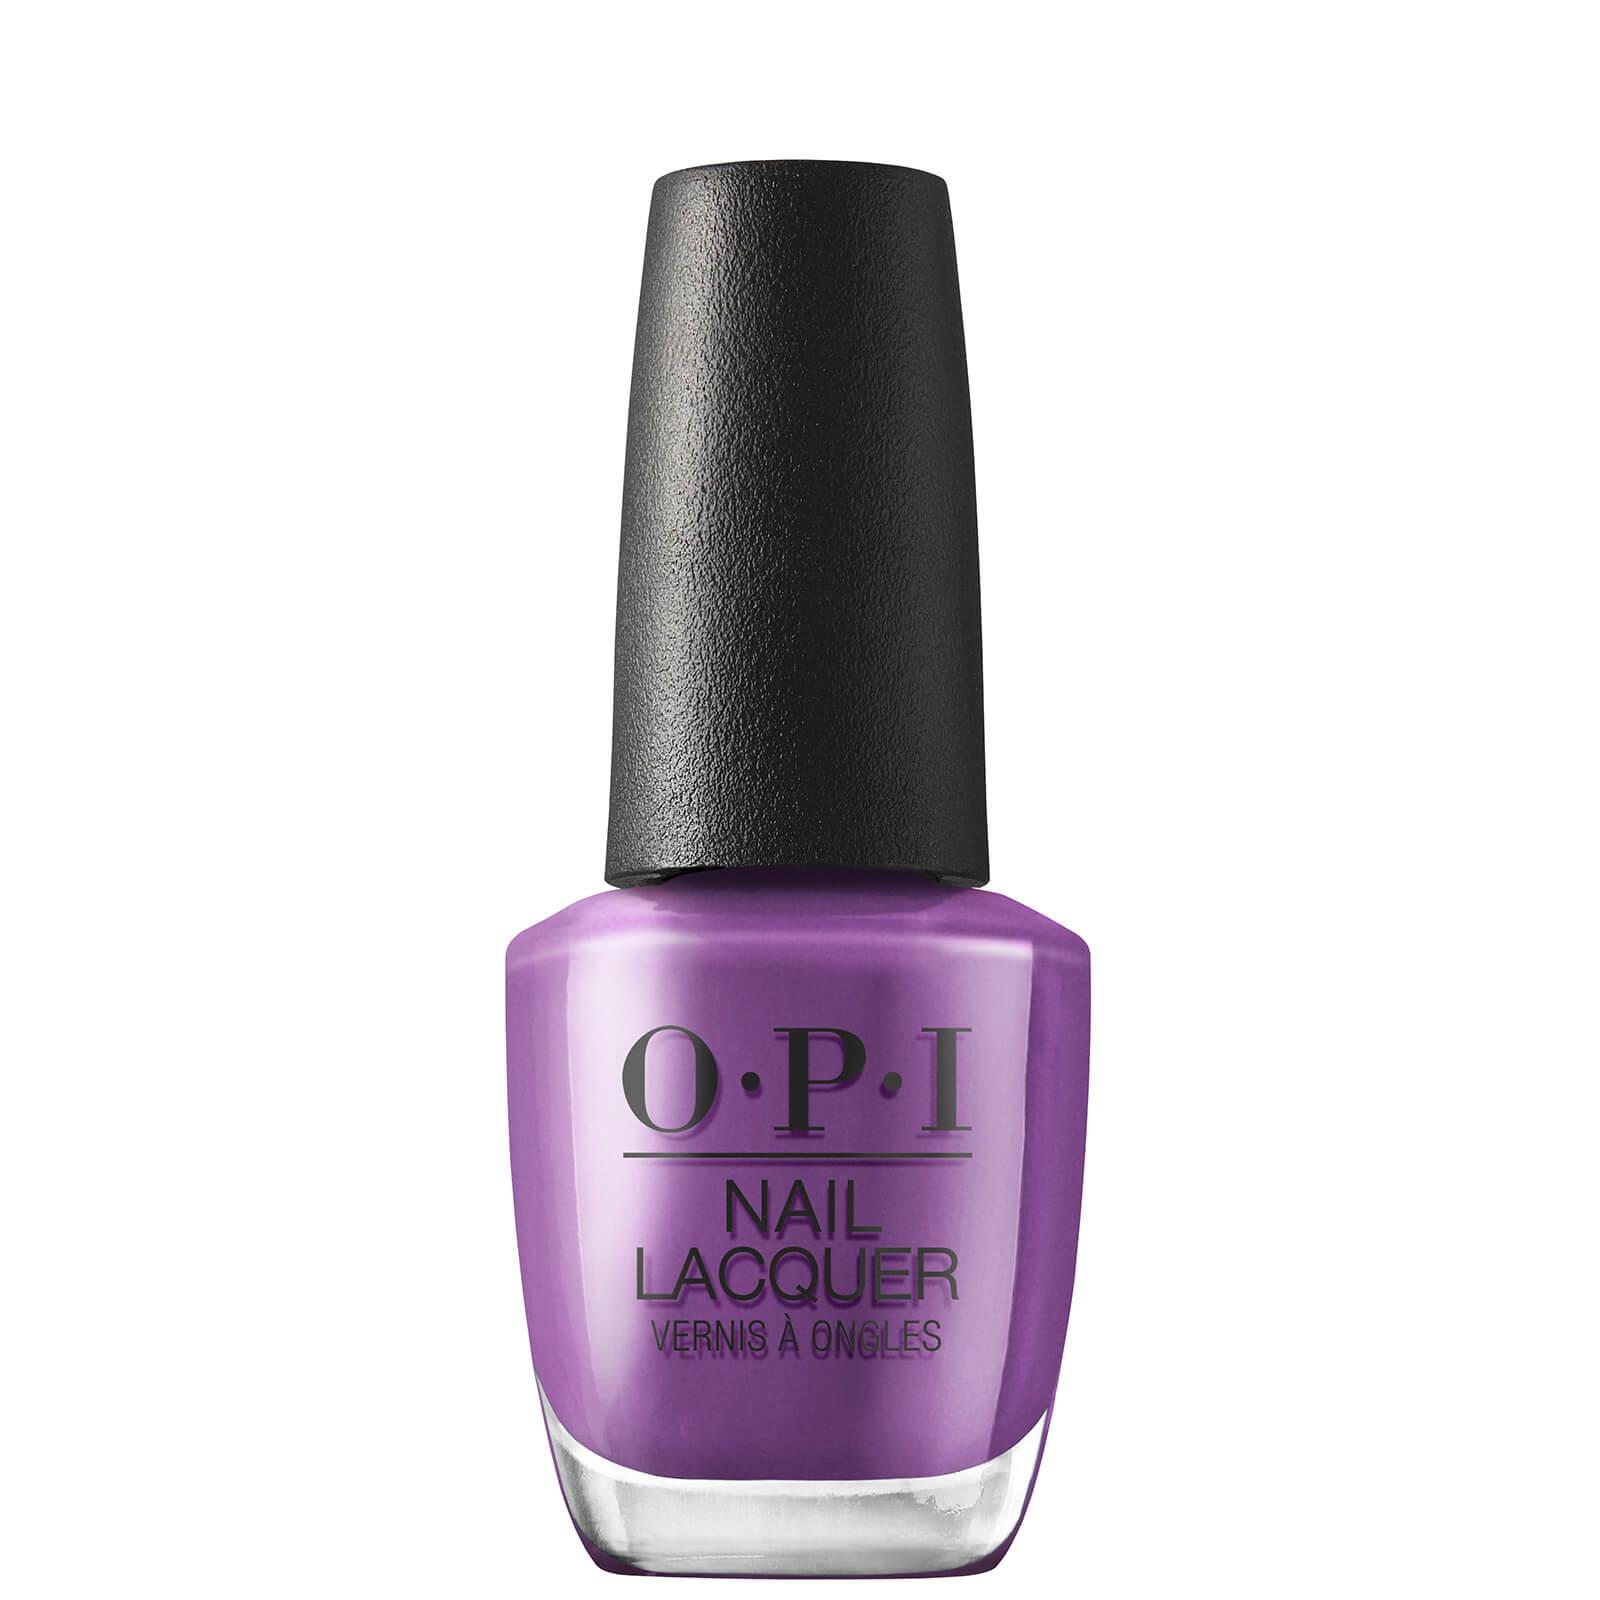 Купить OPI Nail Polish DTLA Collection 15ml (Various Shades) - Violet Visionary